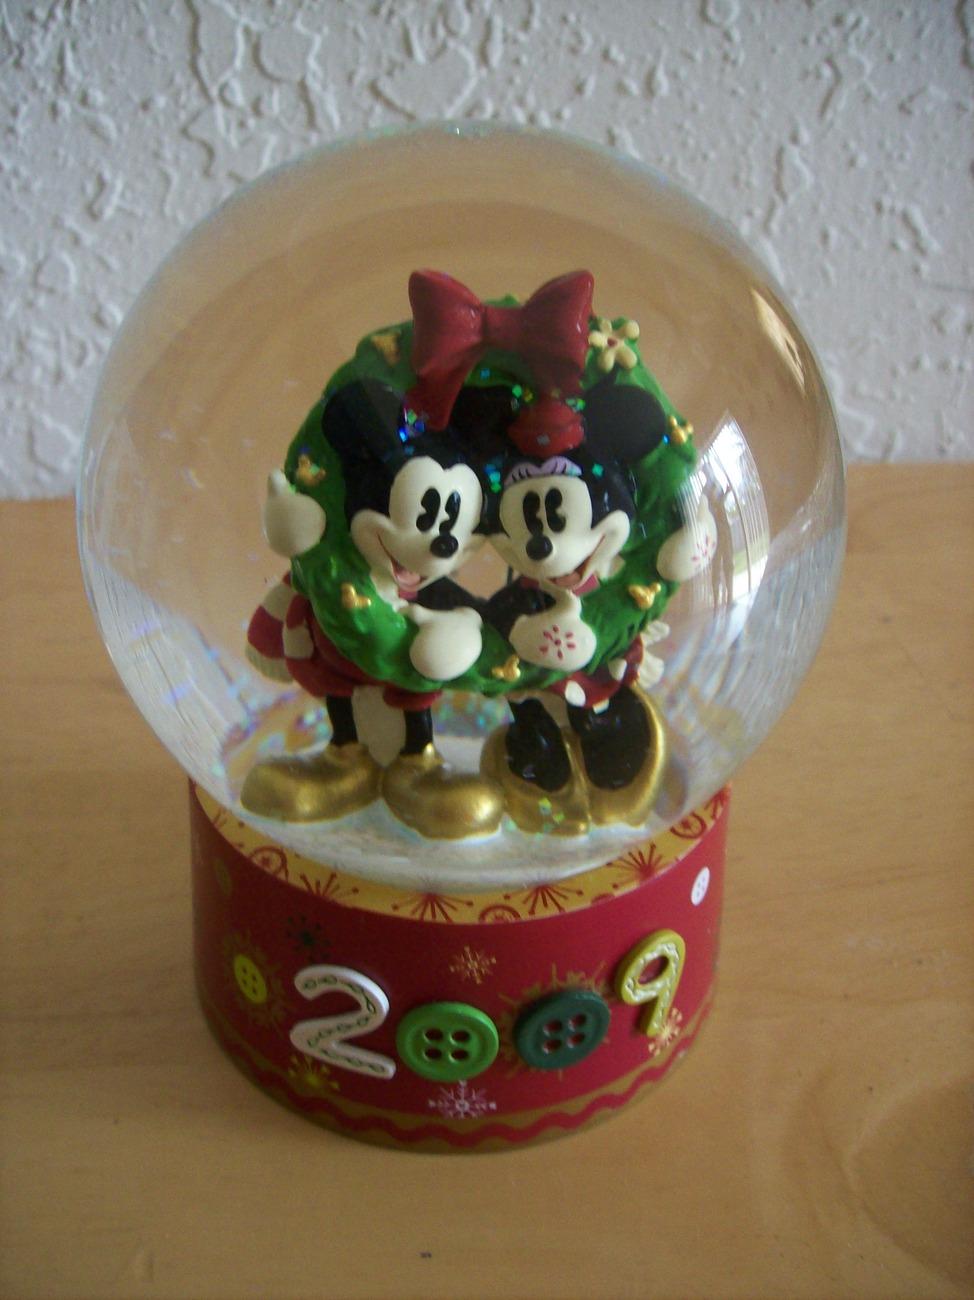 Disney 2009 Mickey & Minnie Christmas Snow globe